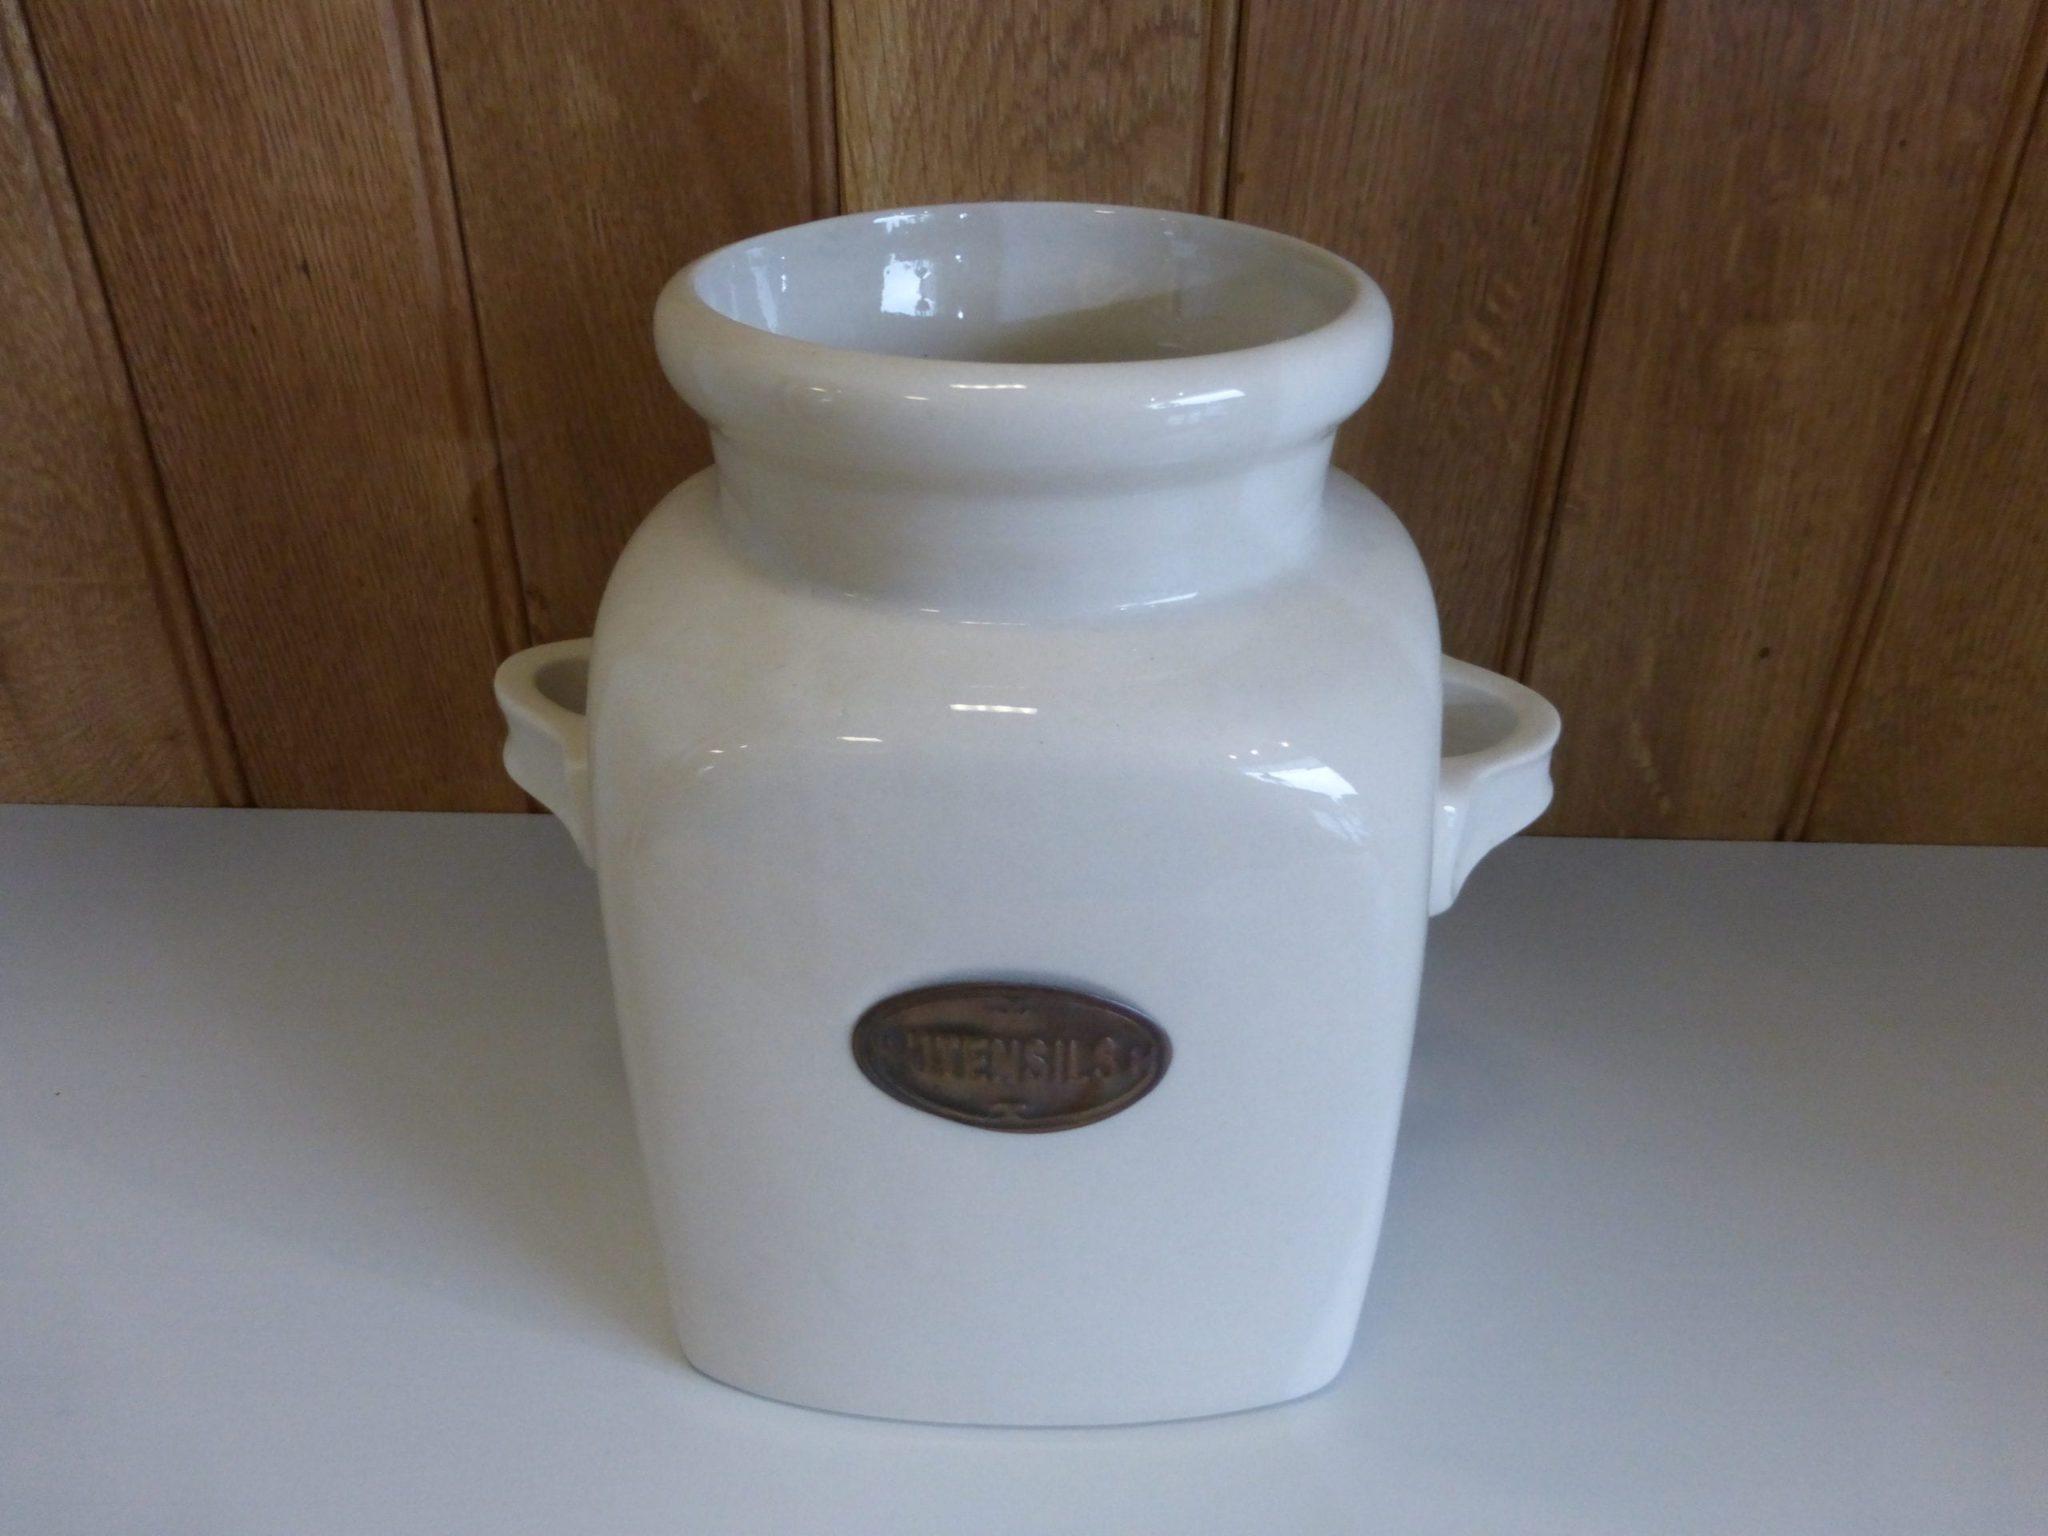 Utensil Jar 781006 cream ceramic jar